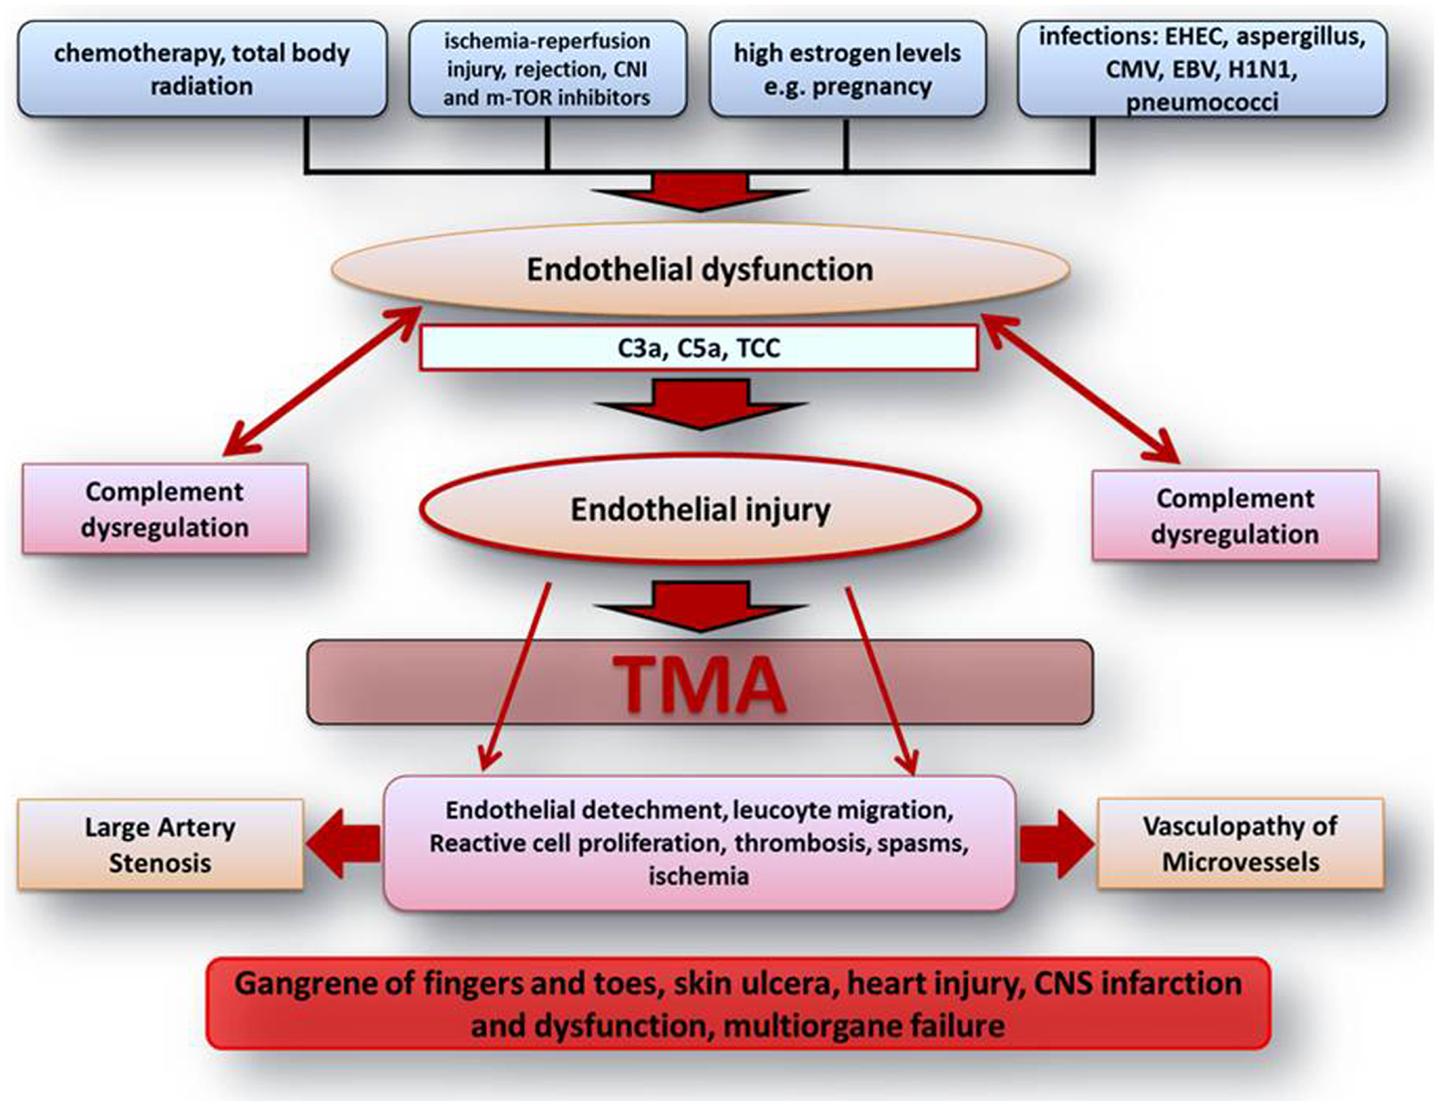 free эффективность использования малоинвазизивных методов в диагностике и восстановительном лечении травм коленного сустава у спортсменов в